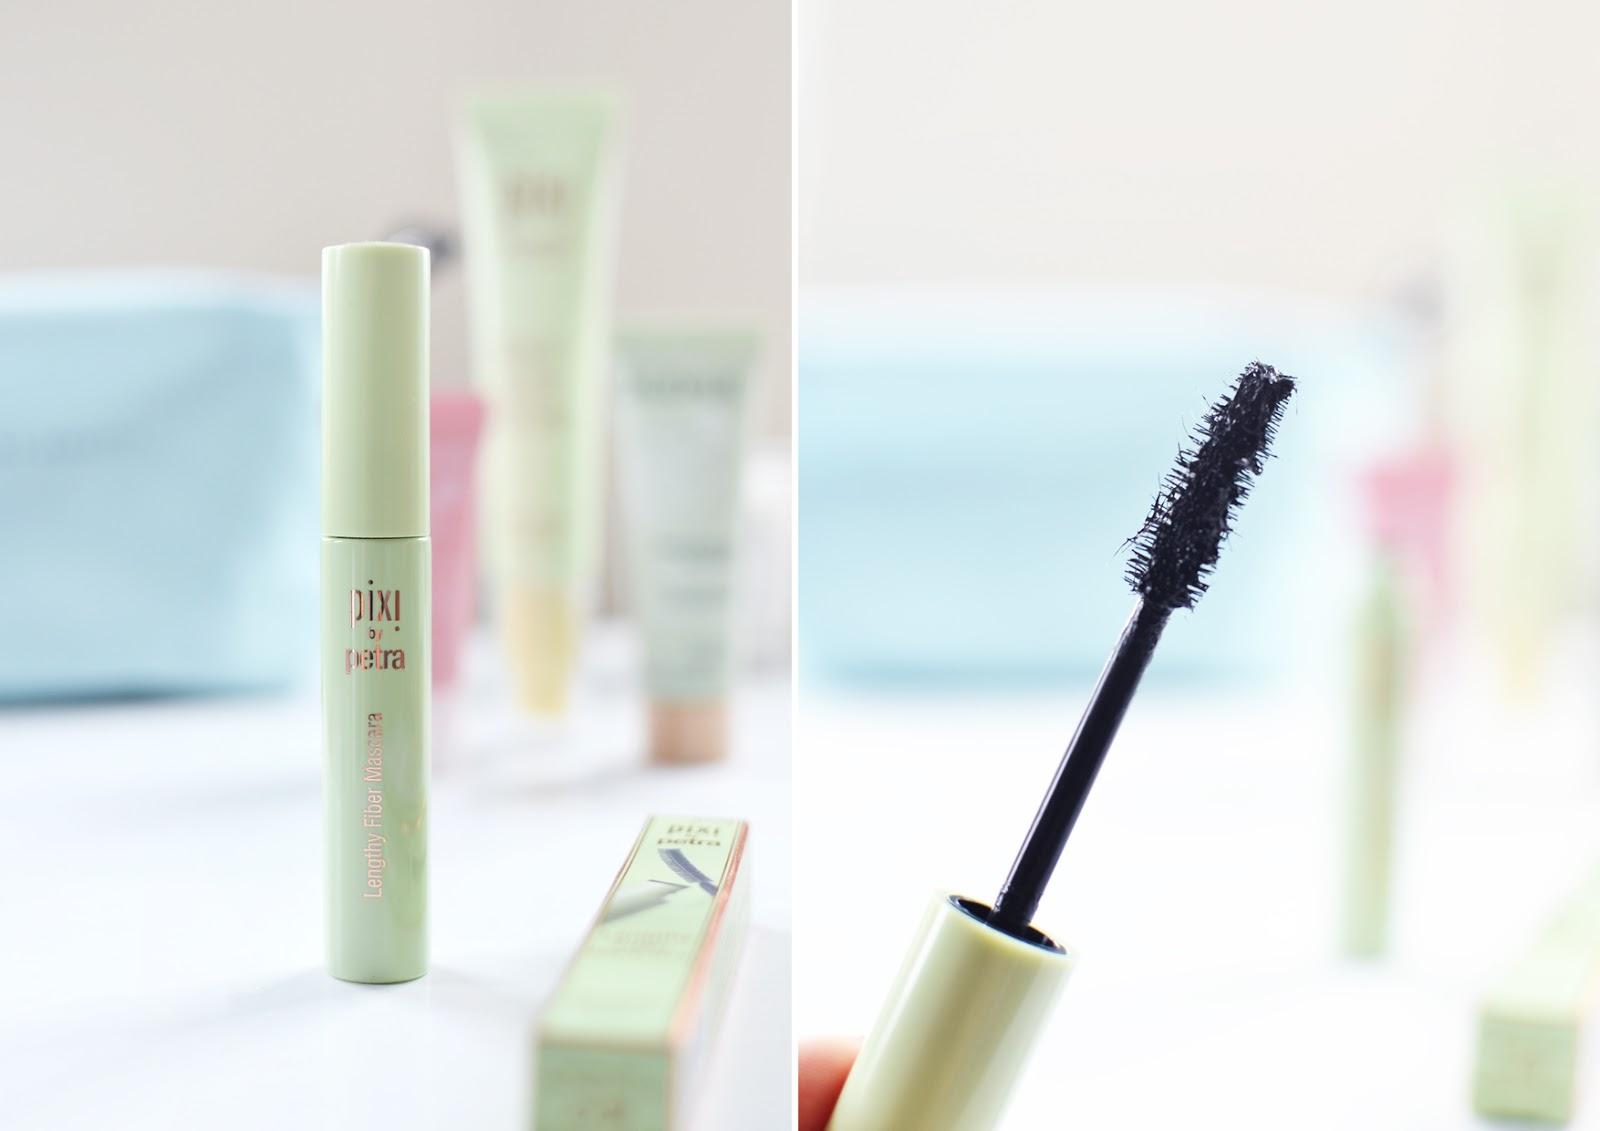 pixi lengthy fiber mascara